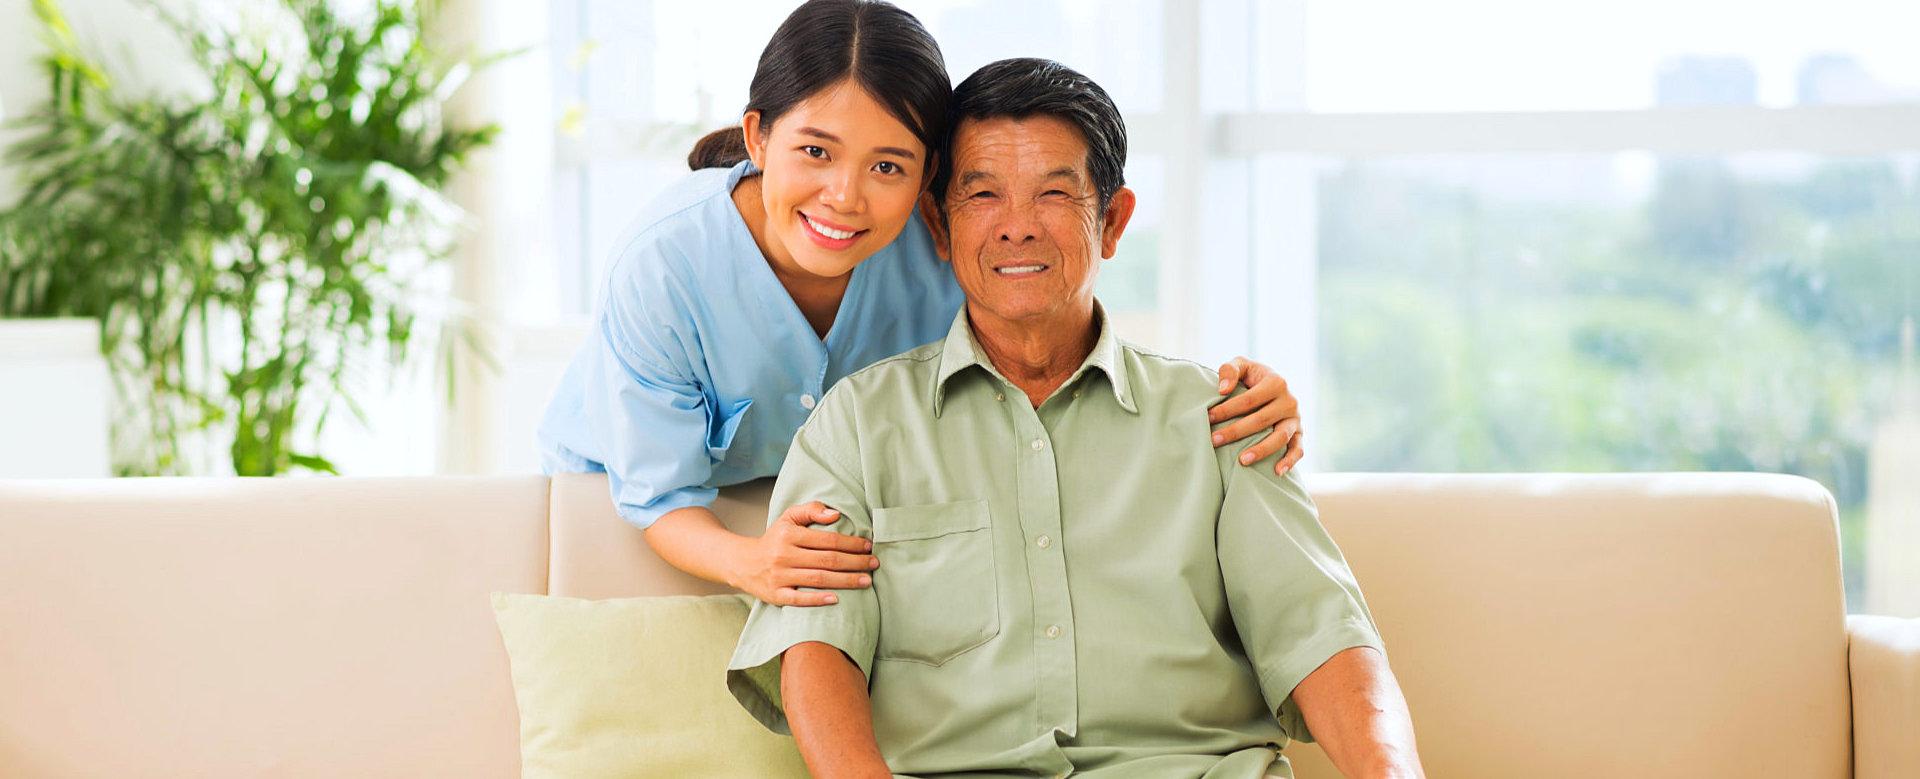 nurse with her senior man patient